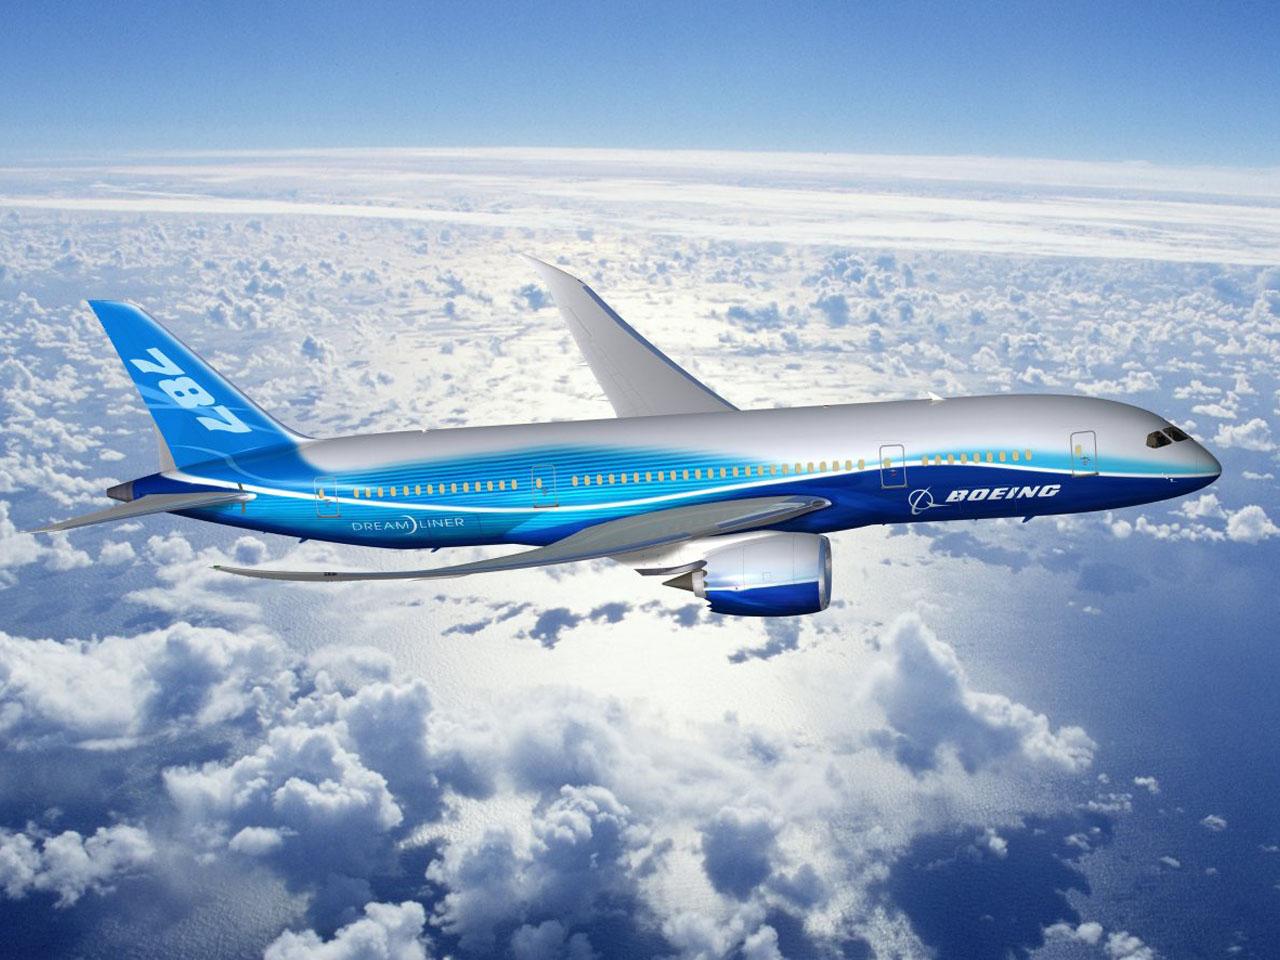 Motivi di sicurezza, i Boeing 787 Dreamliner restano a terra in tutto il mondo